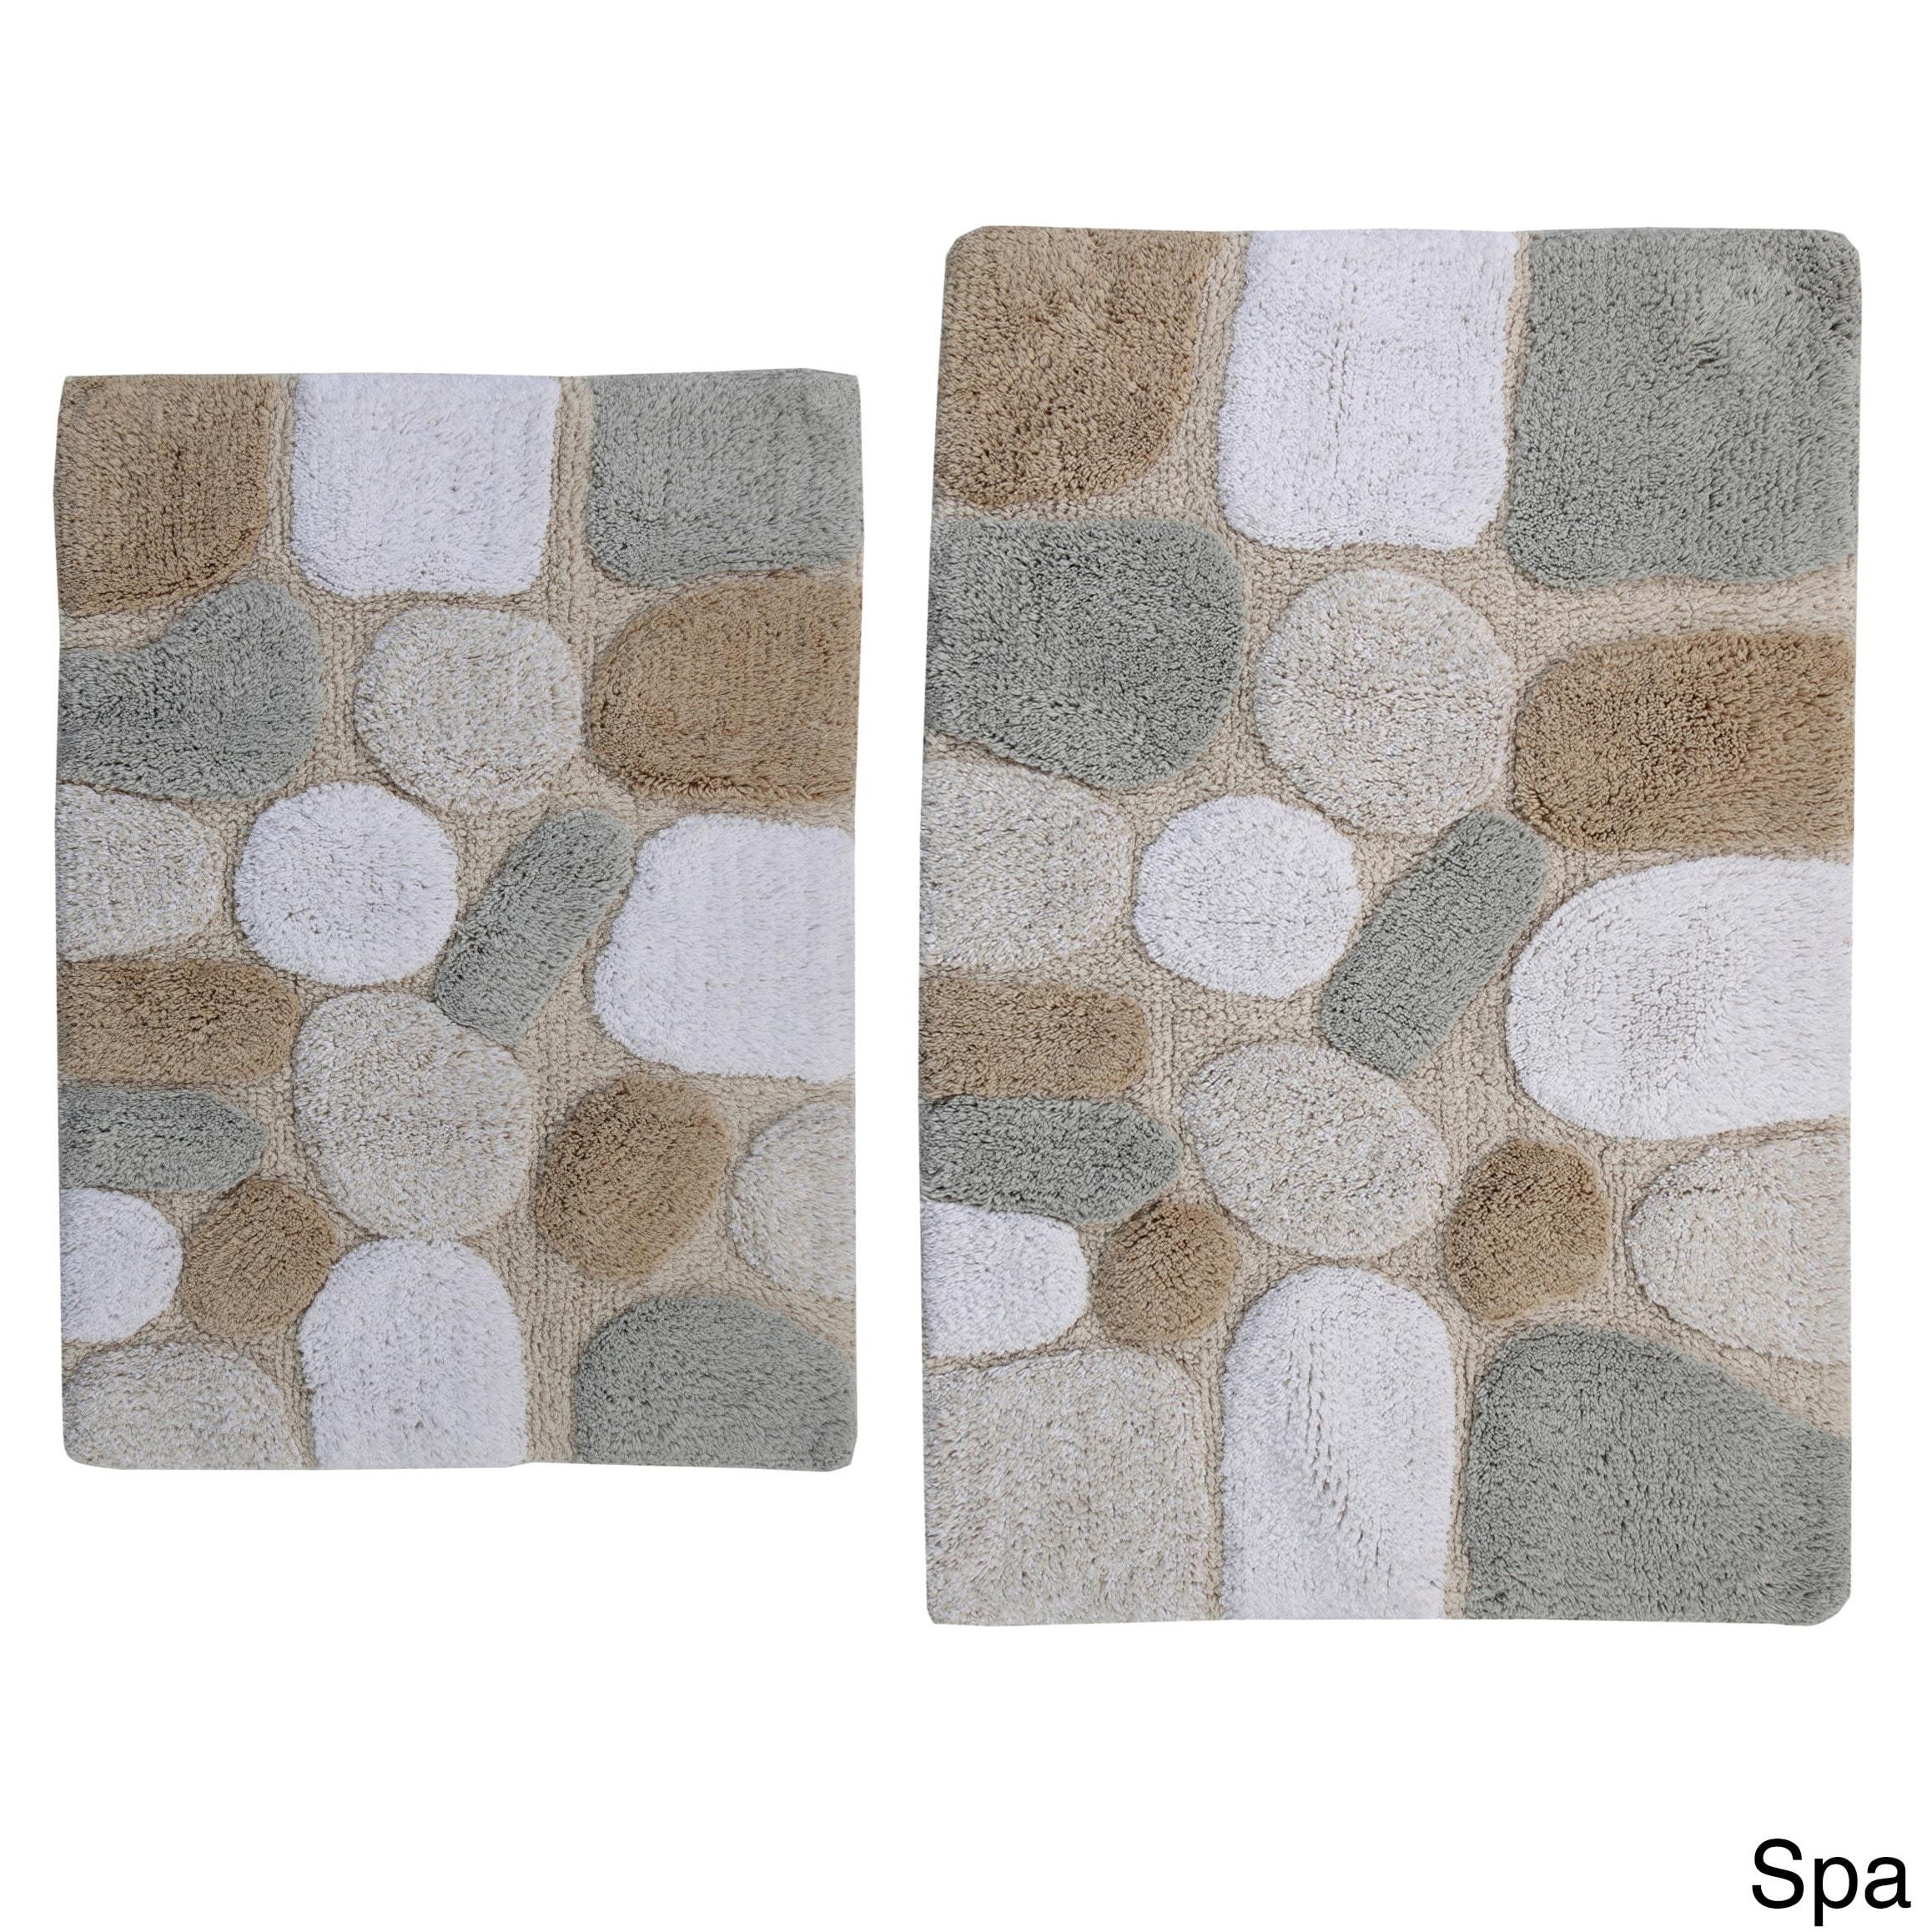 rockway pebbles cotton 2-piece bath rug set with bonus step out